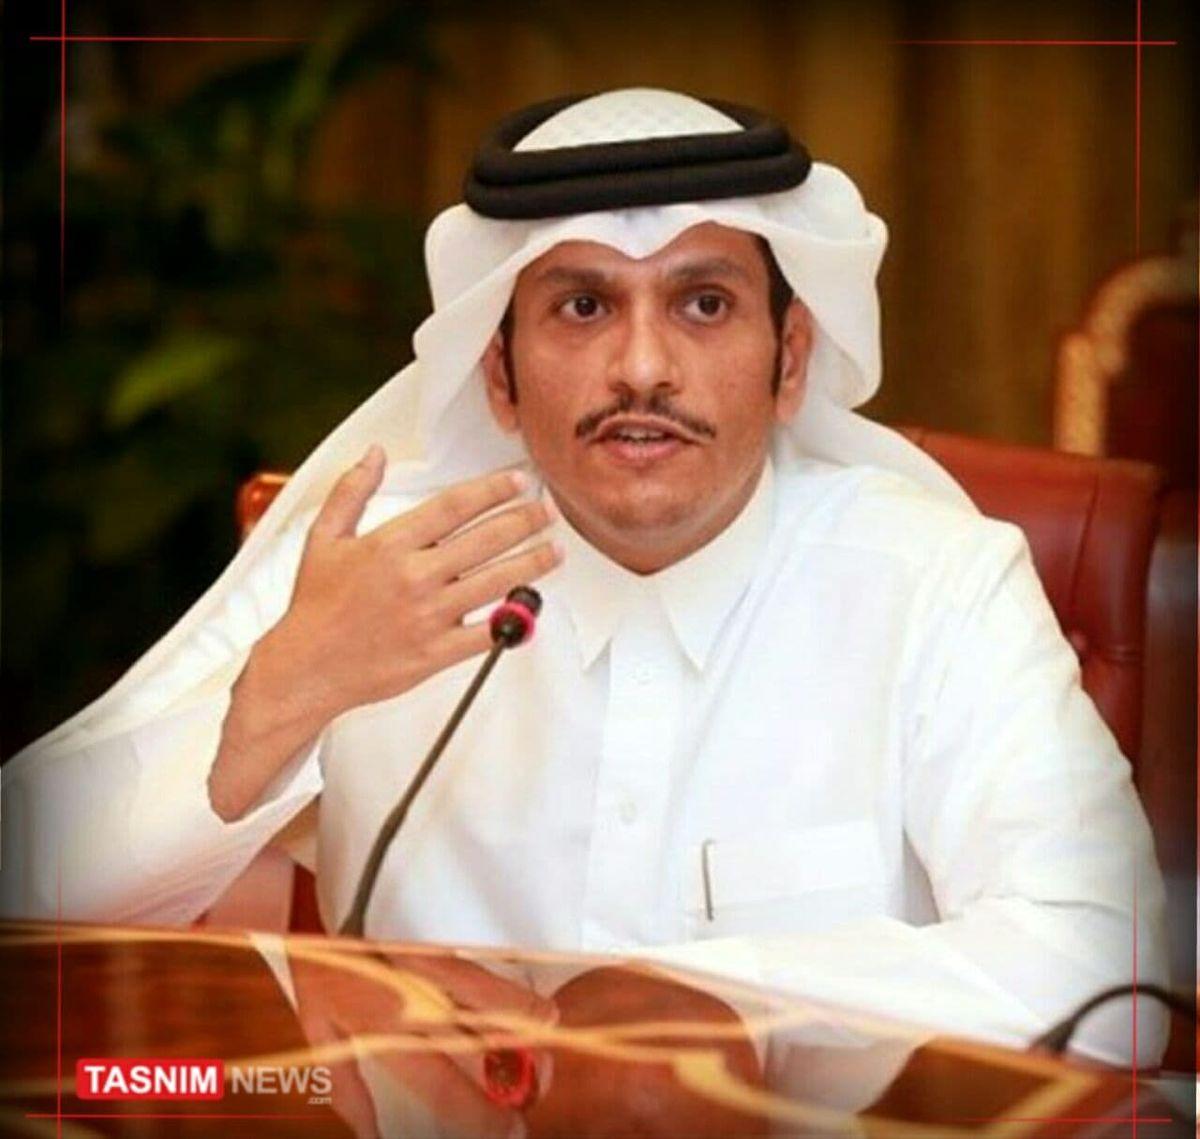 قطر: تماس با ایران و آمریکا برای تنشزدایی ادامه دارد